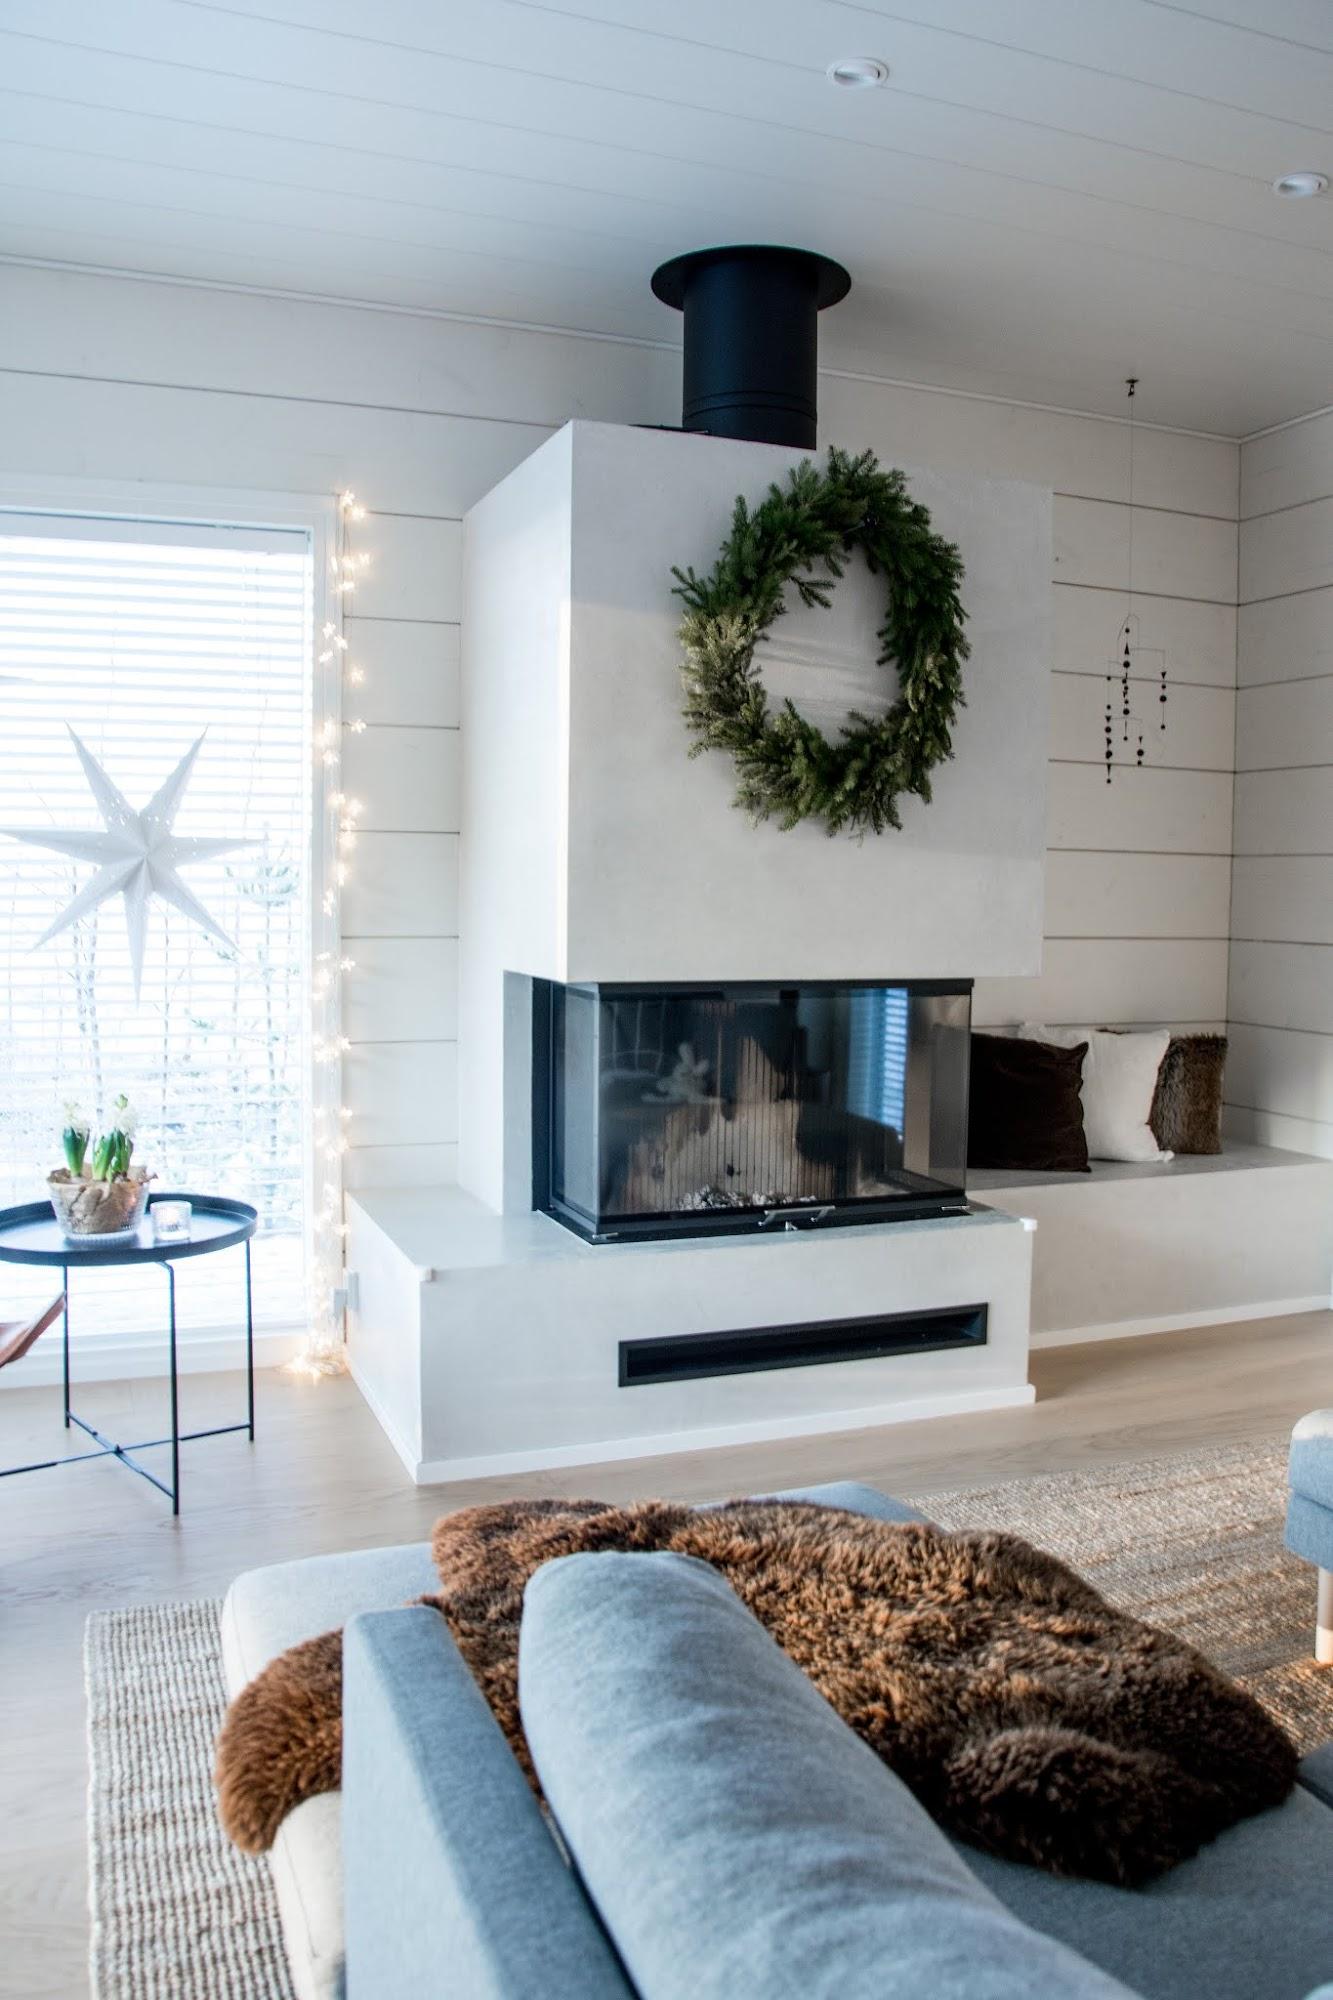 talo markki - skandinaavinen joulu - joulu sisustus - havukranssi sisustuksessa - joulukuusi valoilla